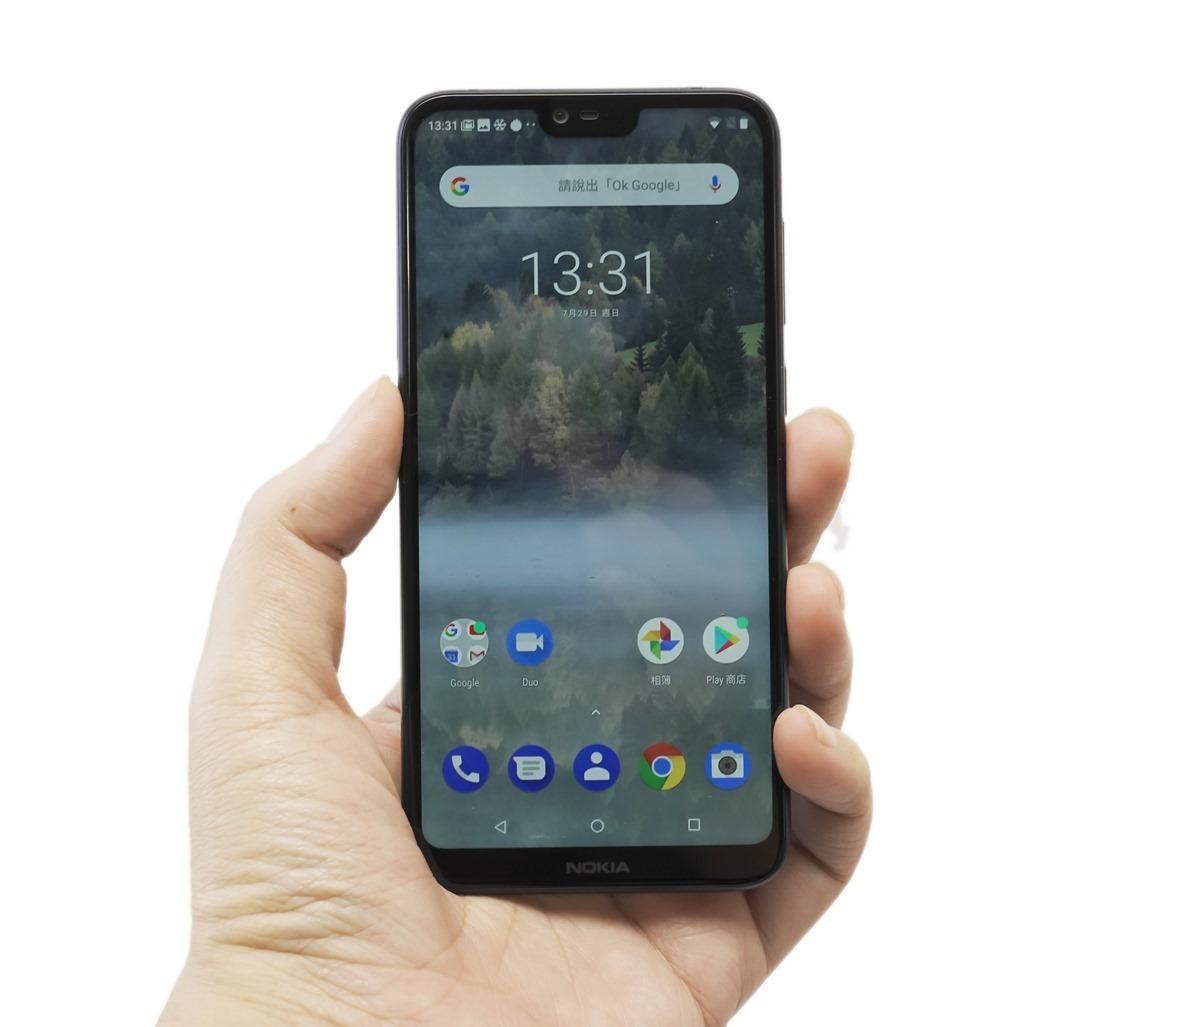 高通 S636 處理器加上瀏海螢幕!Nokia 6.1 Plus 新機性能與電力實測 @3C 達人廖阿輝